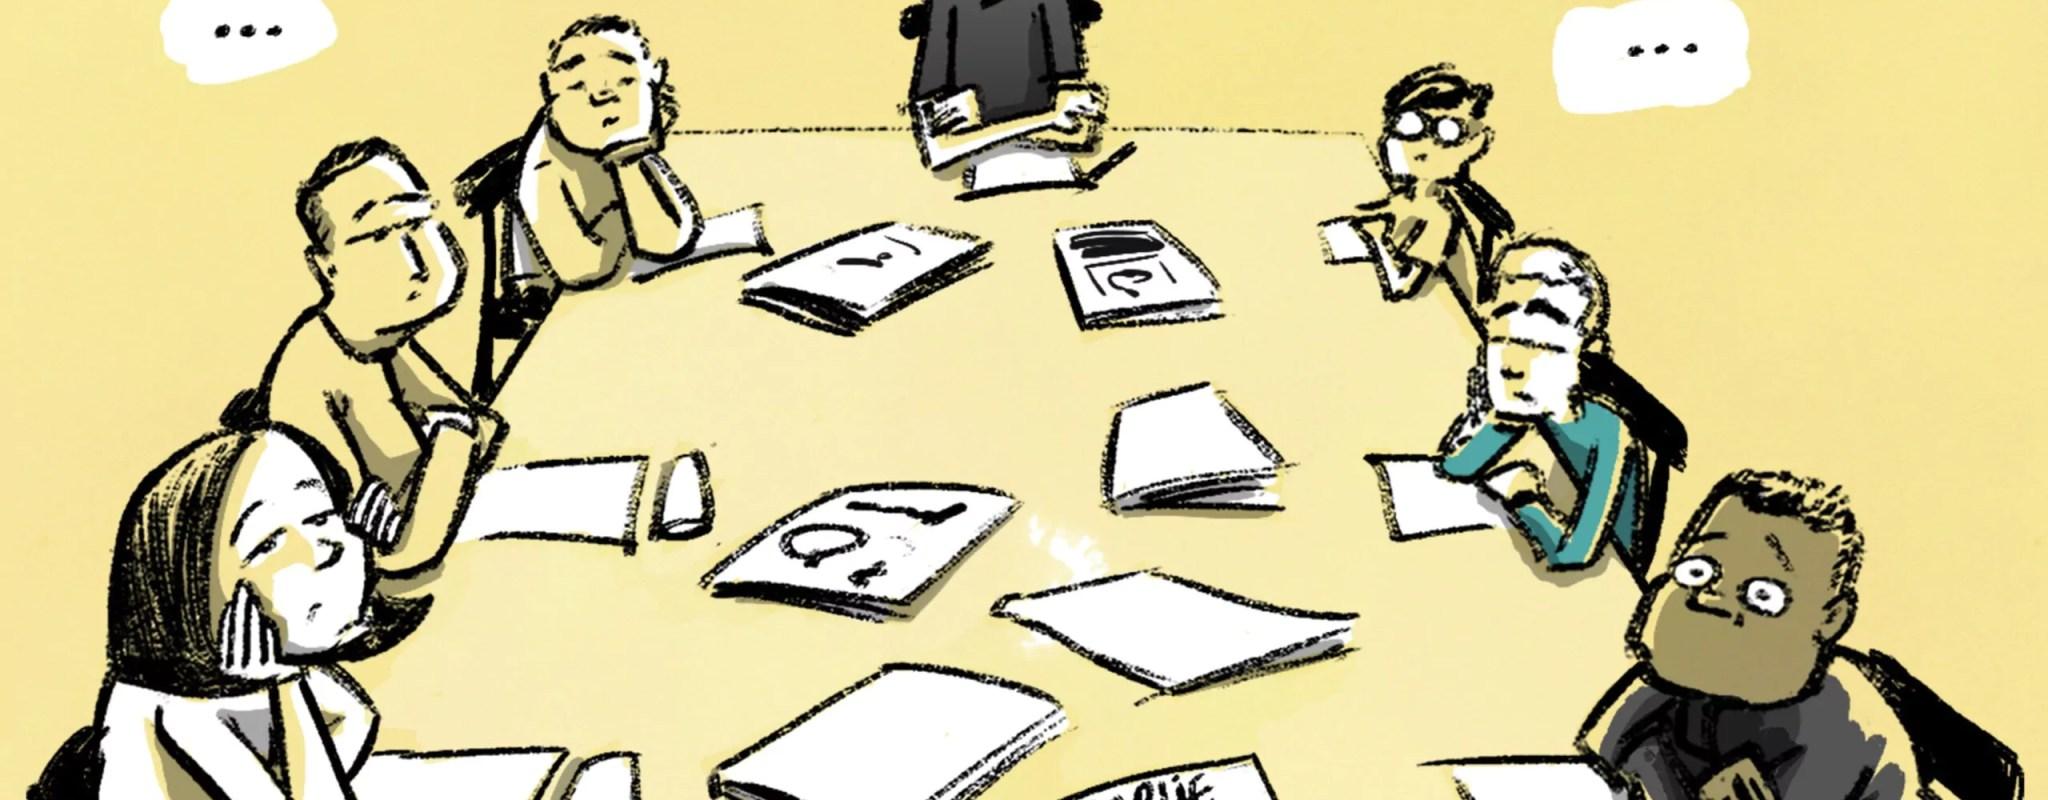 Démocratie, liberté d'expression, découvertes laborieuses au stage de citoyenneté d'adolescents